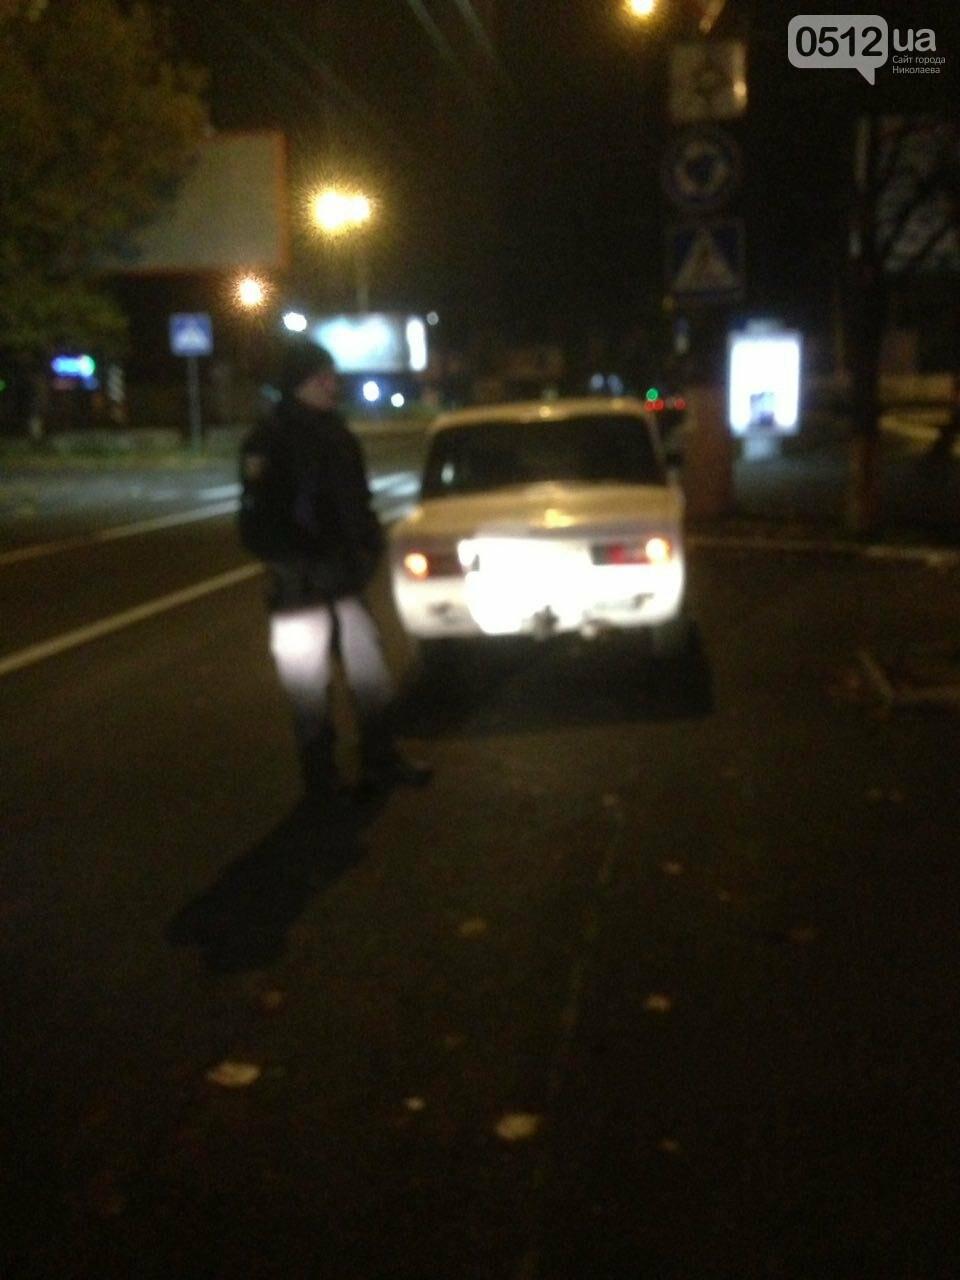 Патрульные продолжают ловить пьяных водителей на улицах Николаева (ФОТО), фото-1